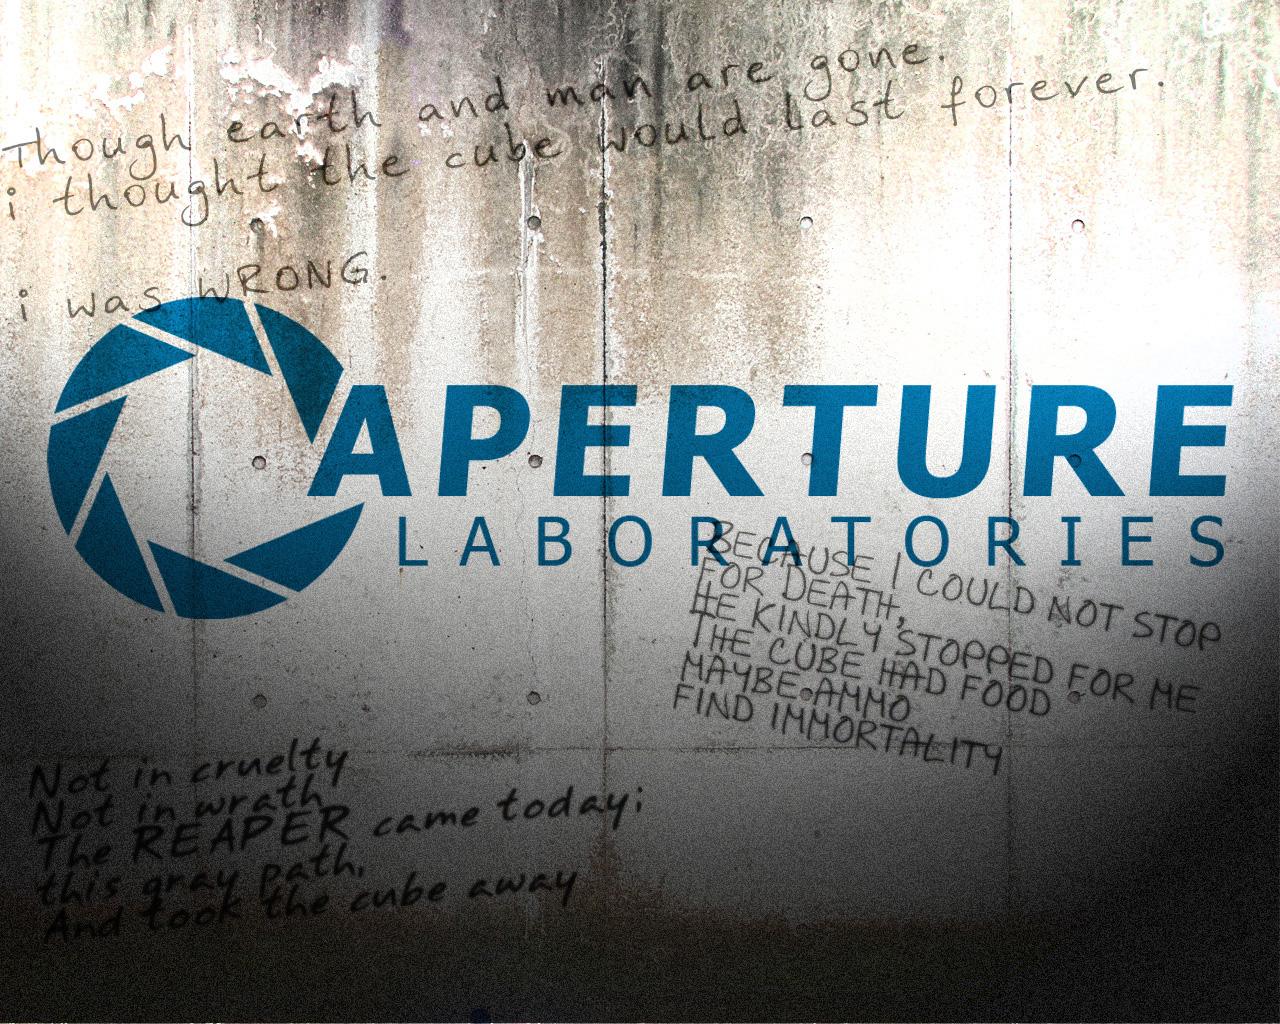 http://4.bp.blogspot.com/-6xs5yvJ273M/TlS2JZQ-ckI/AAAAAAAABPQ/AuNsc8tz_C8/s1600/Aperture_Science_Wallpaper_by_Azahiel.jpg